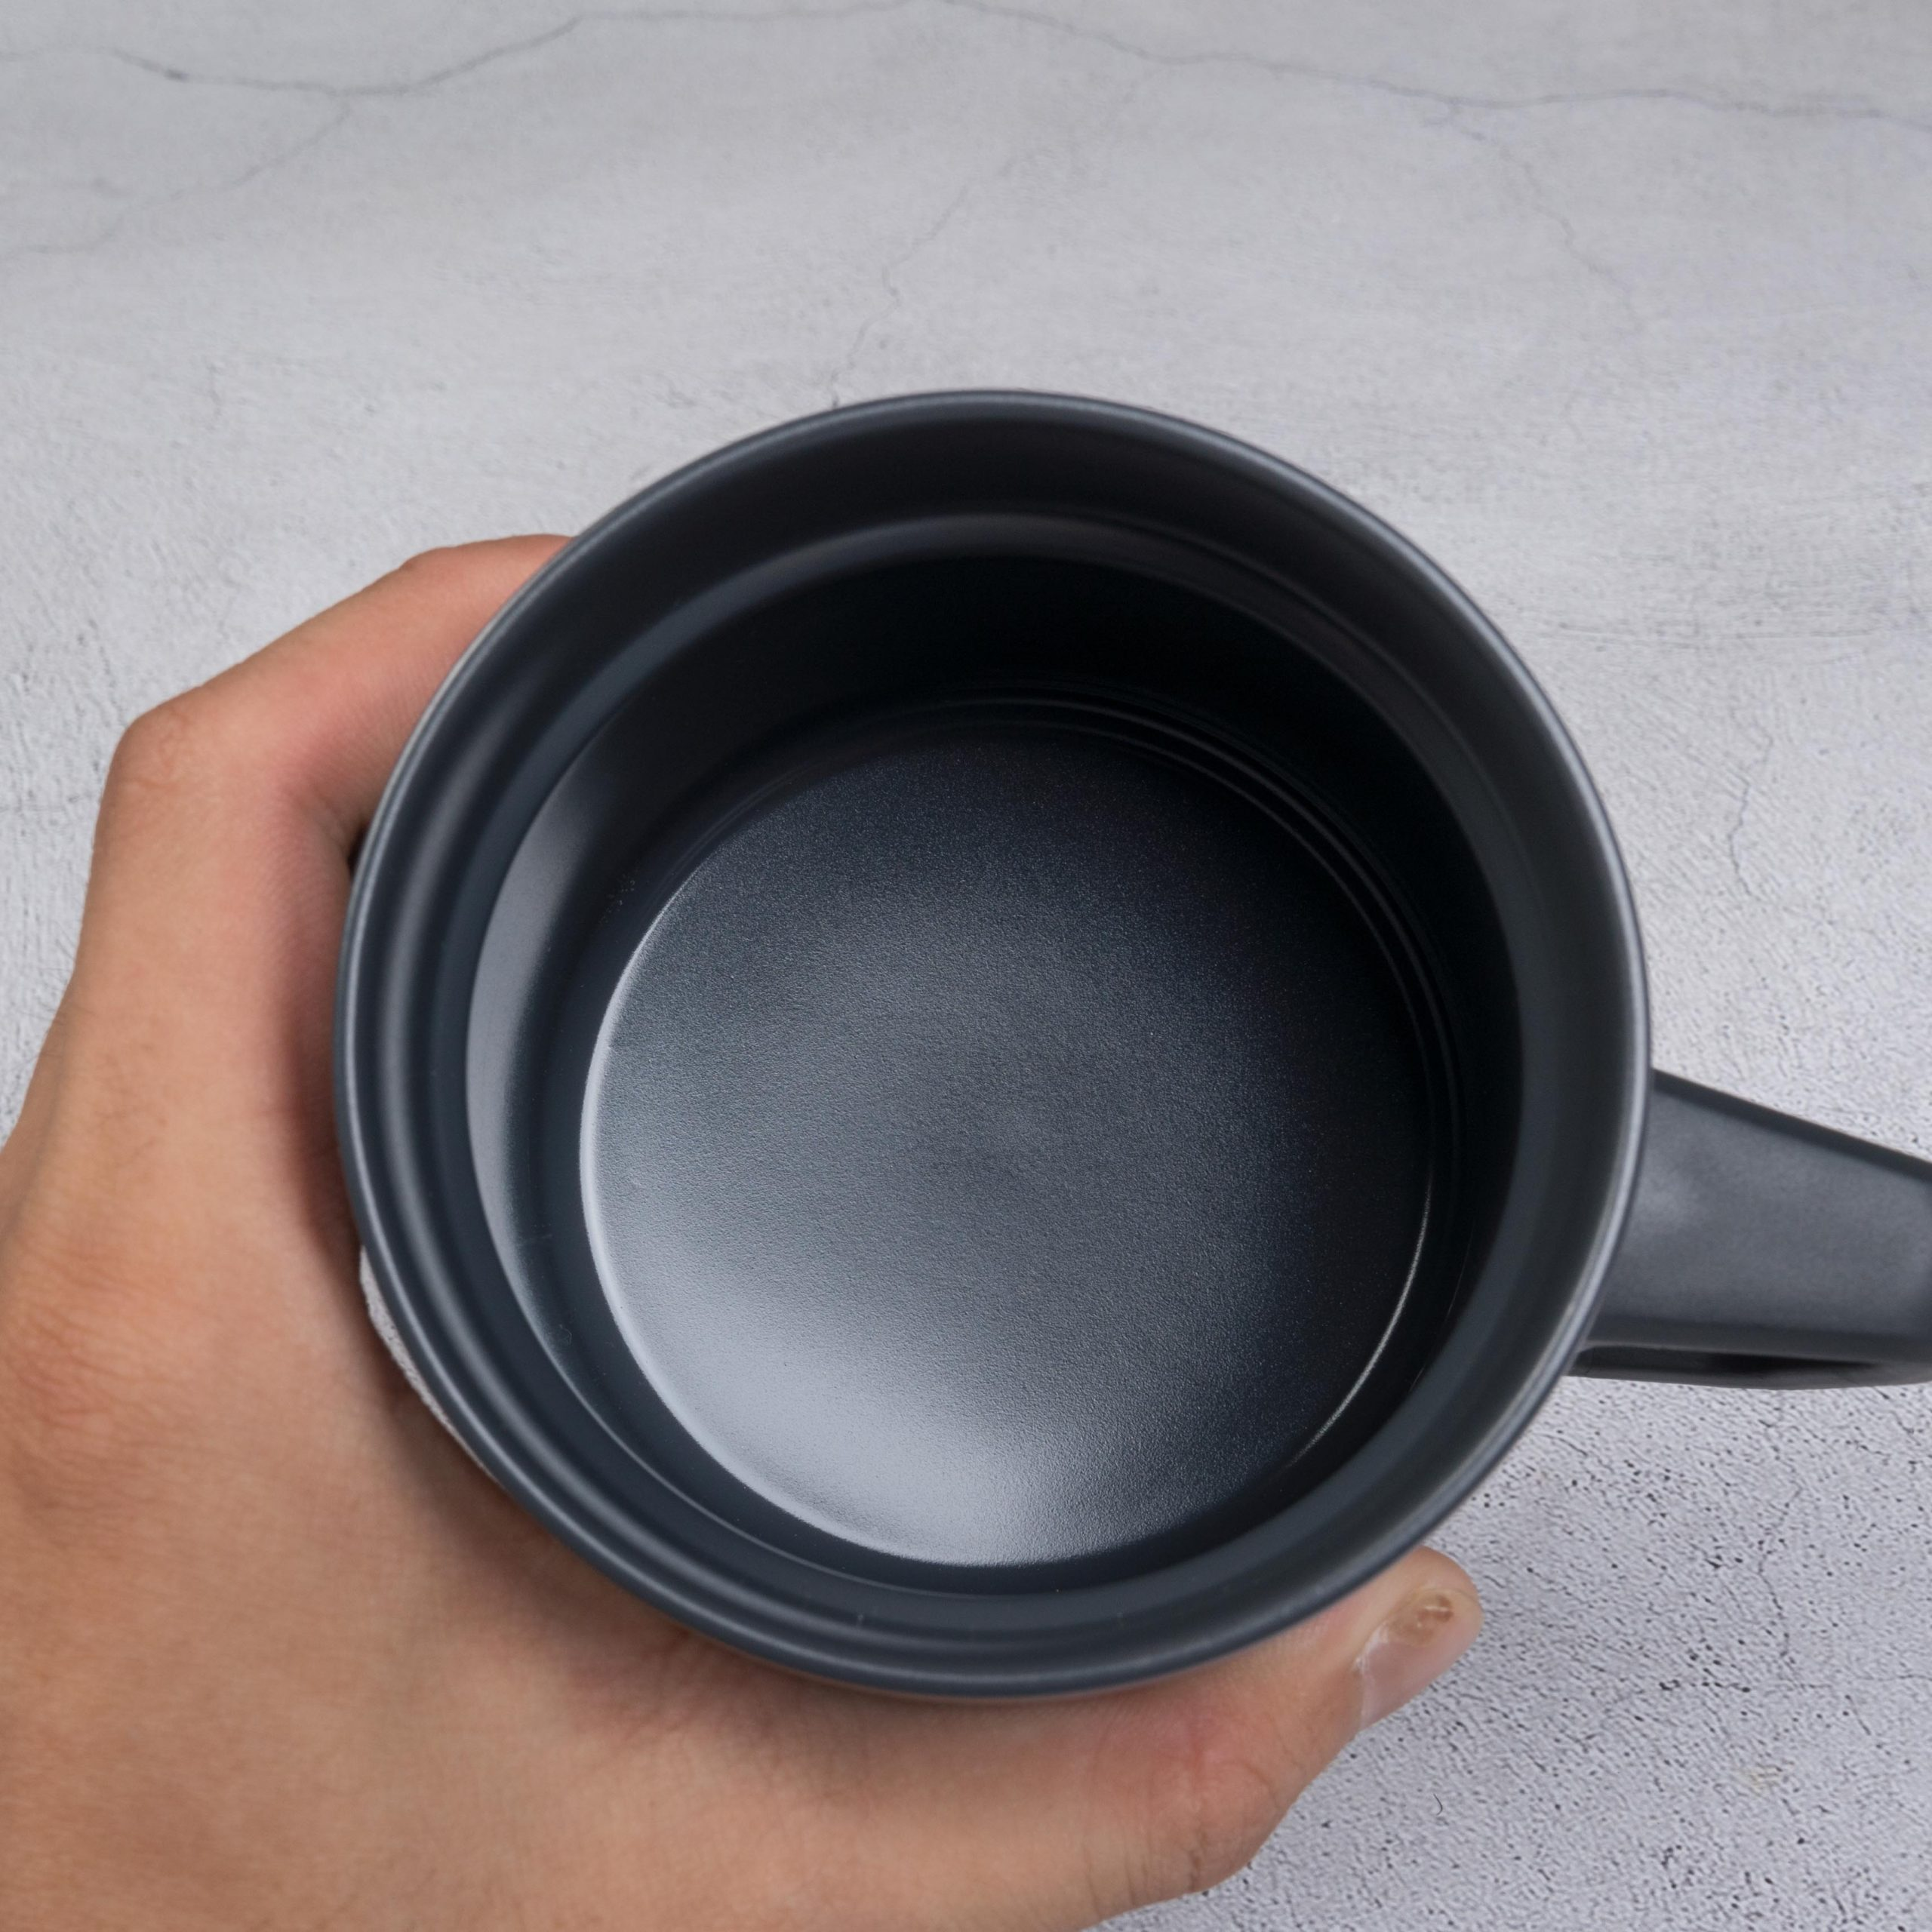 The Ceramivac GO Coffee Mug